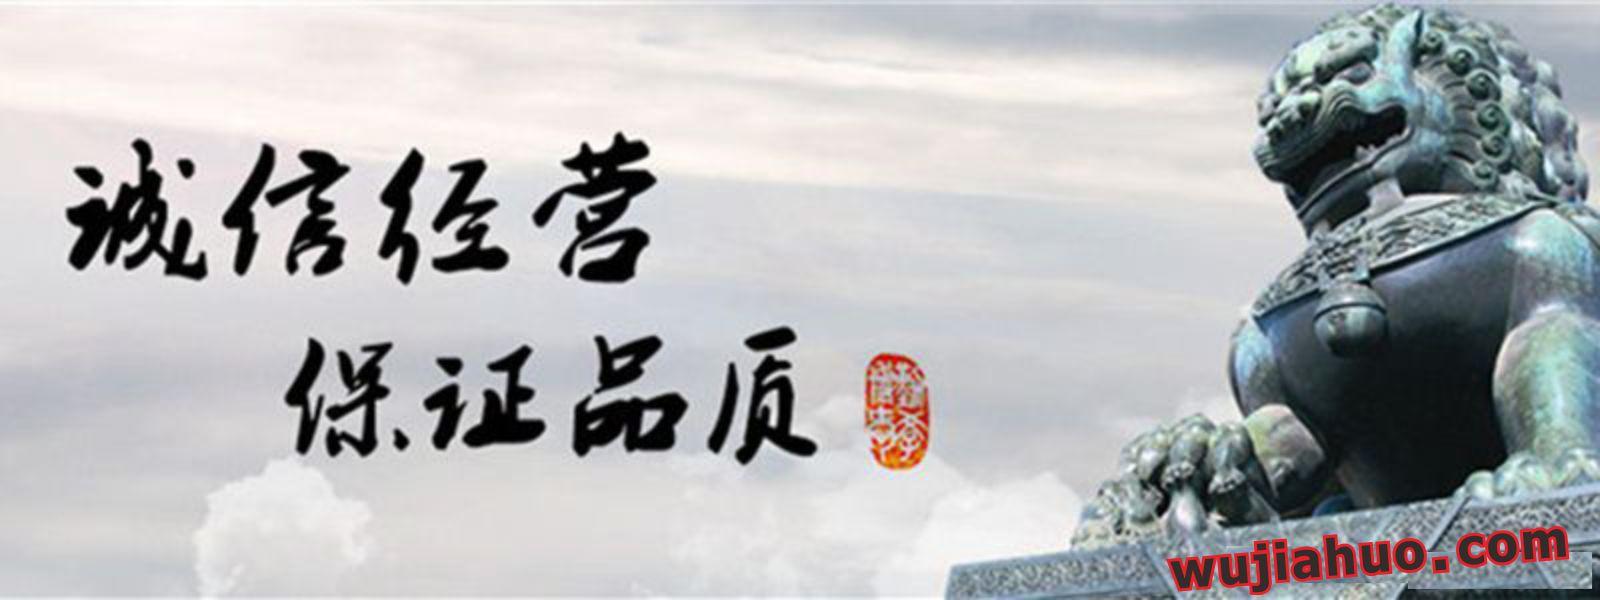 贝博德甲公司介绍